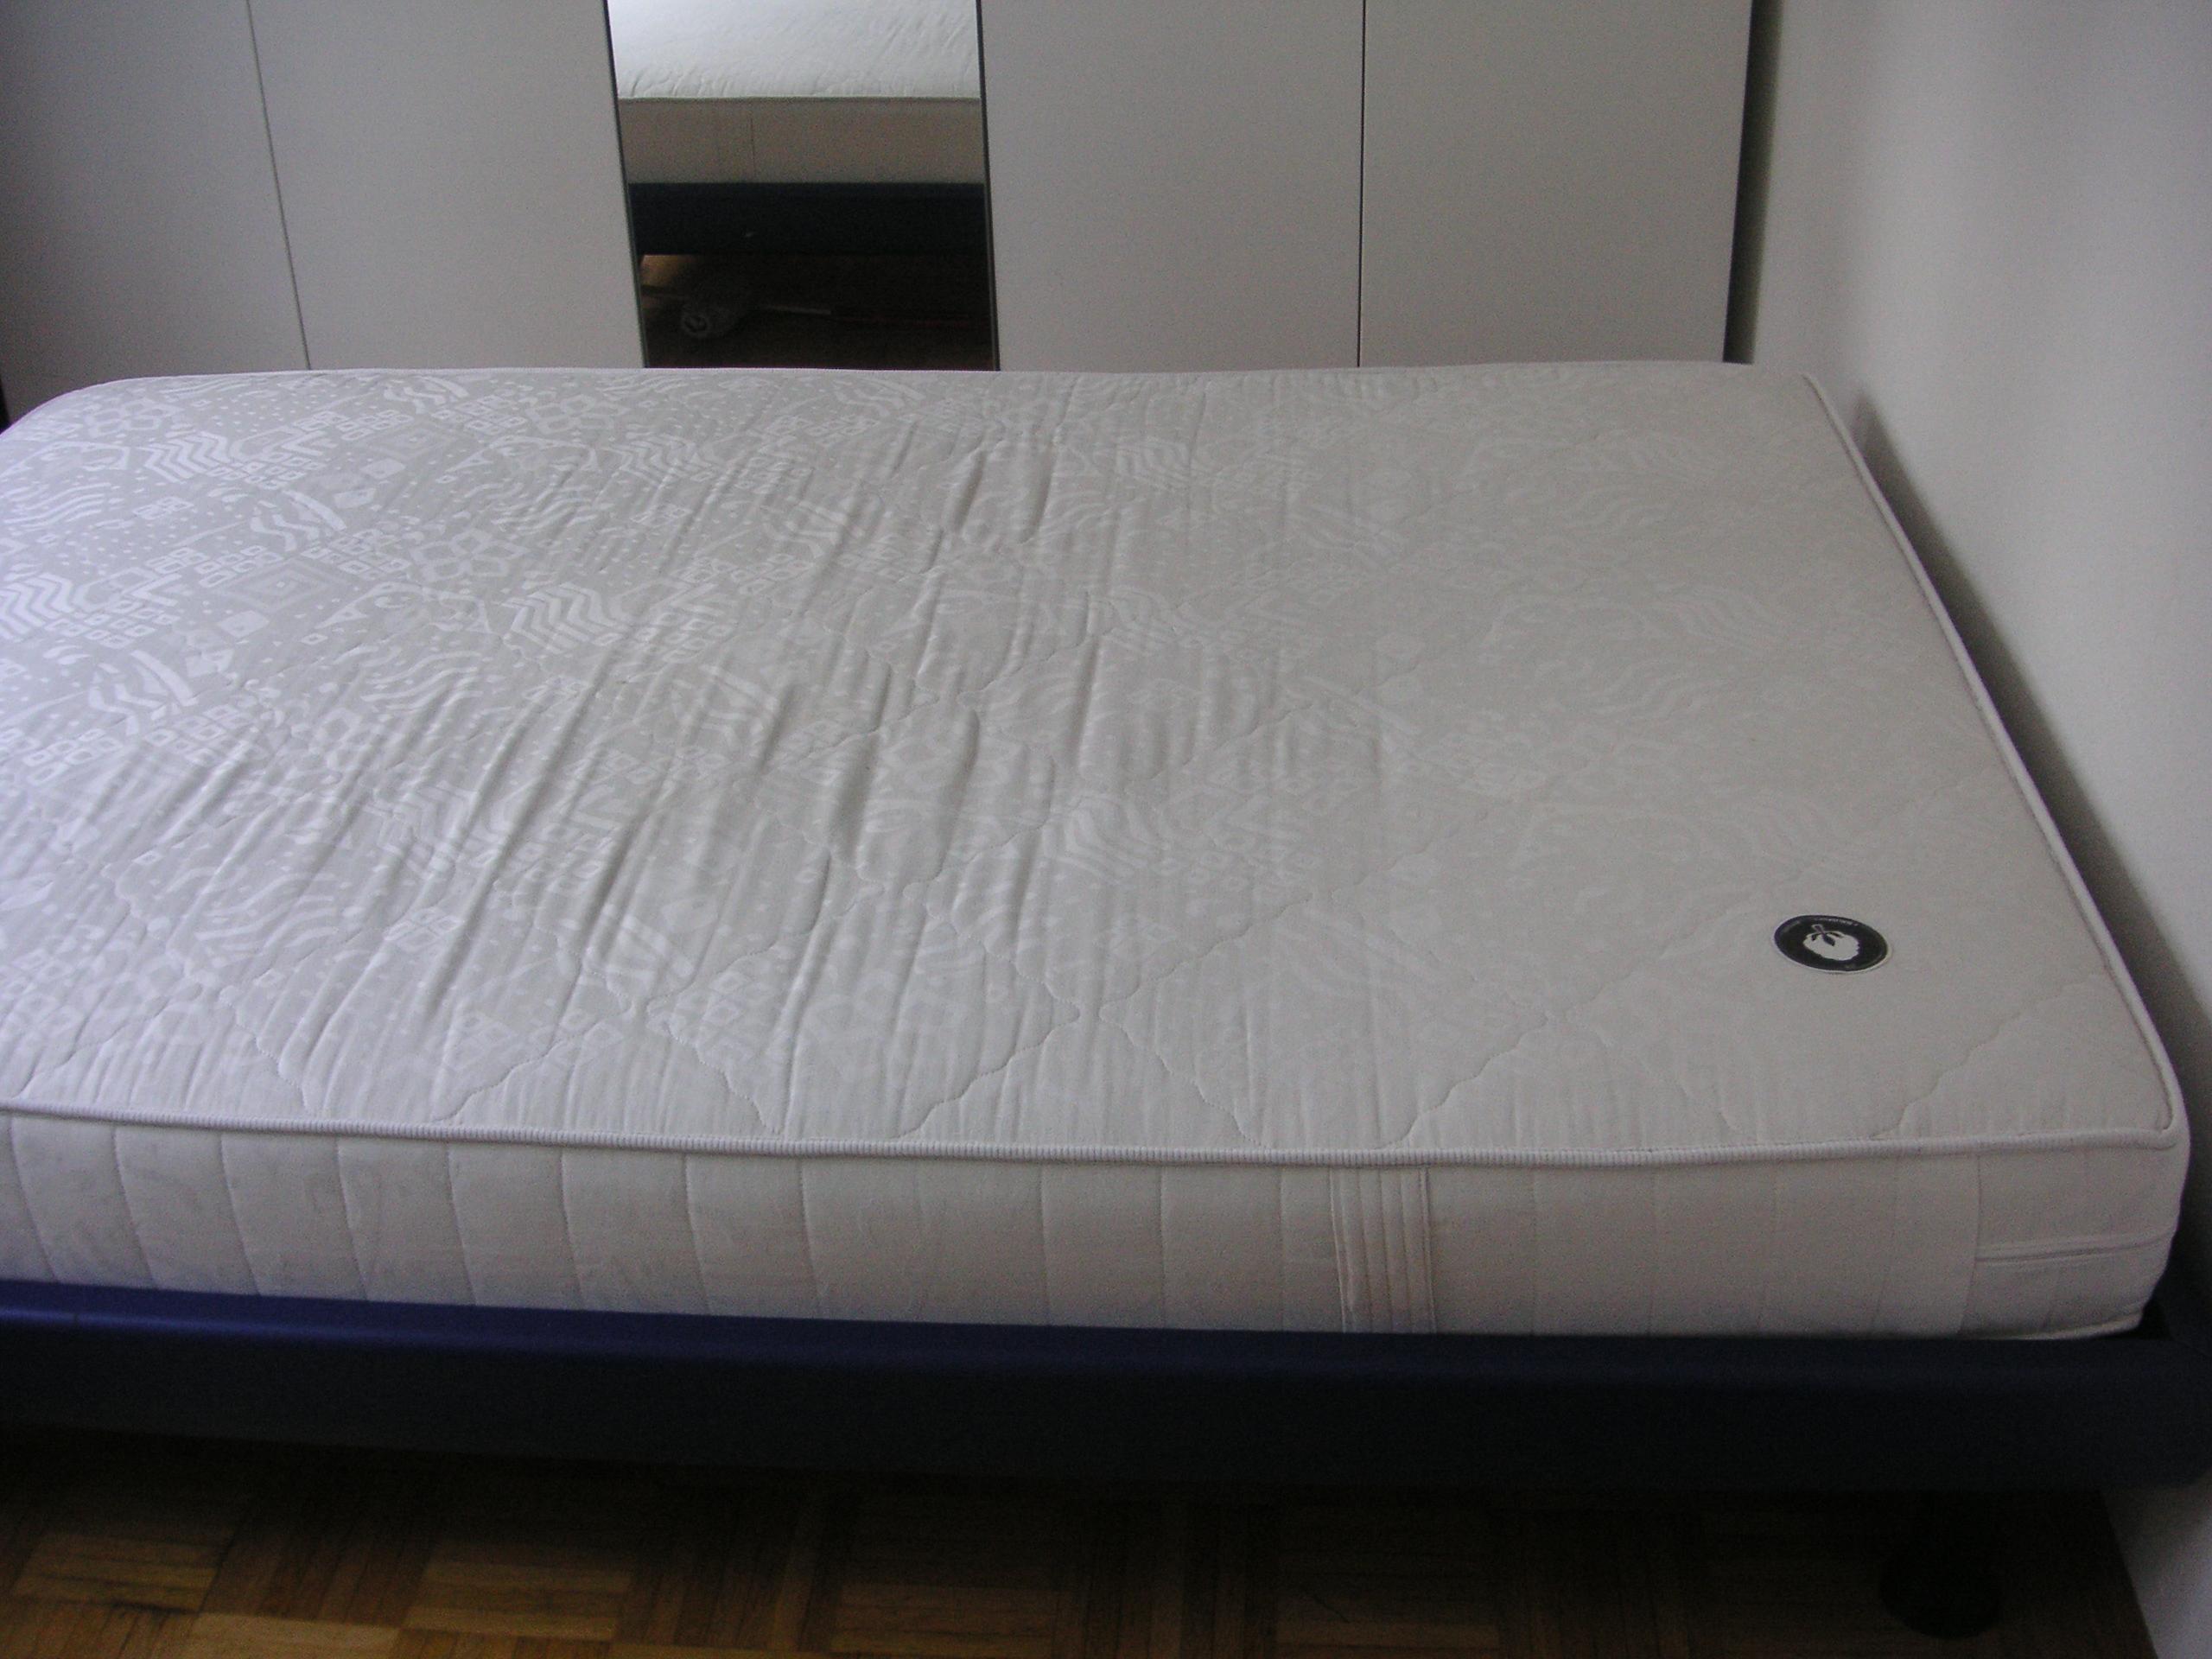 m bel und haushalt kleinanzeigen in eurasburg seite 1. Black Bedroom Furniture Sets. Home Design Ideas